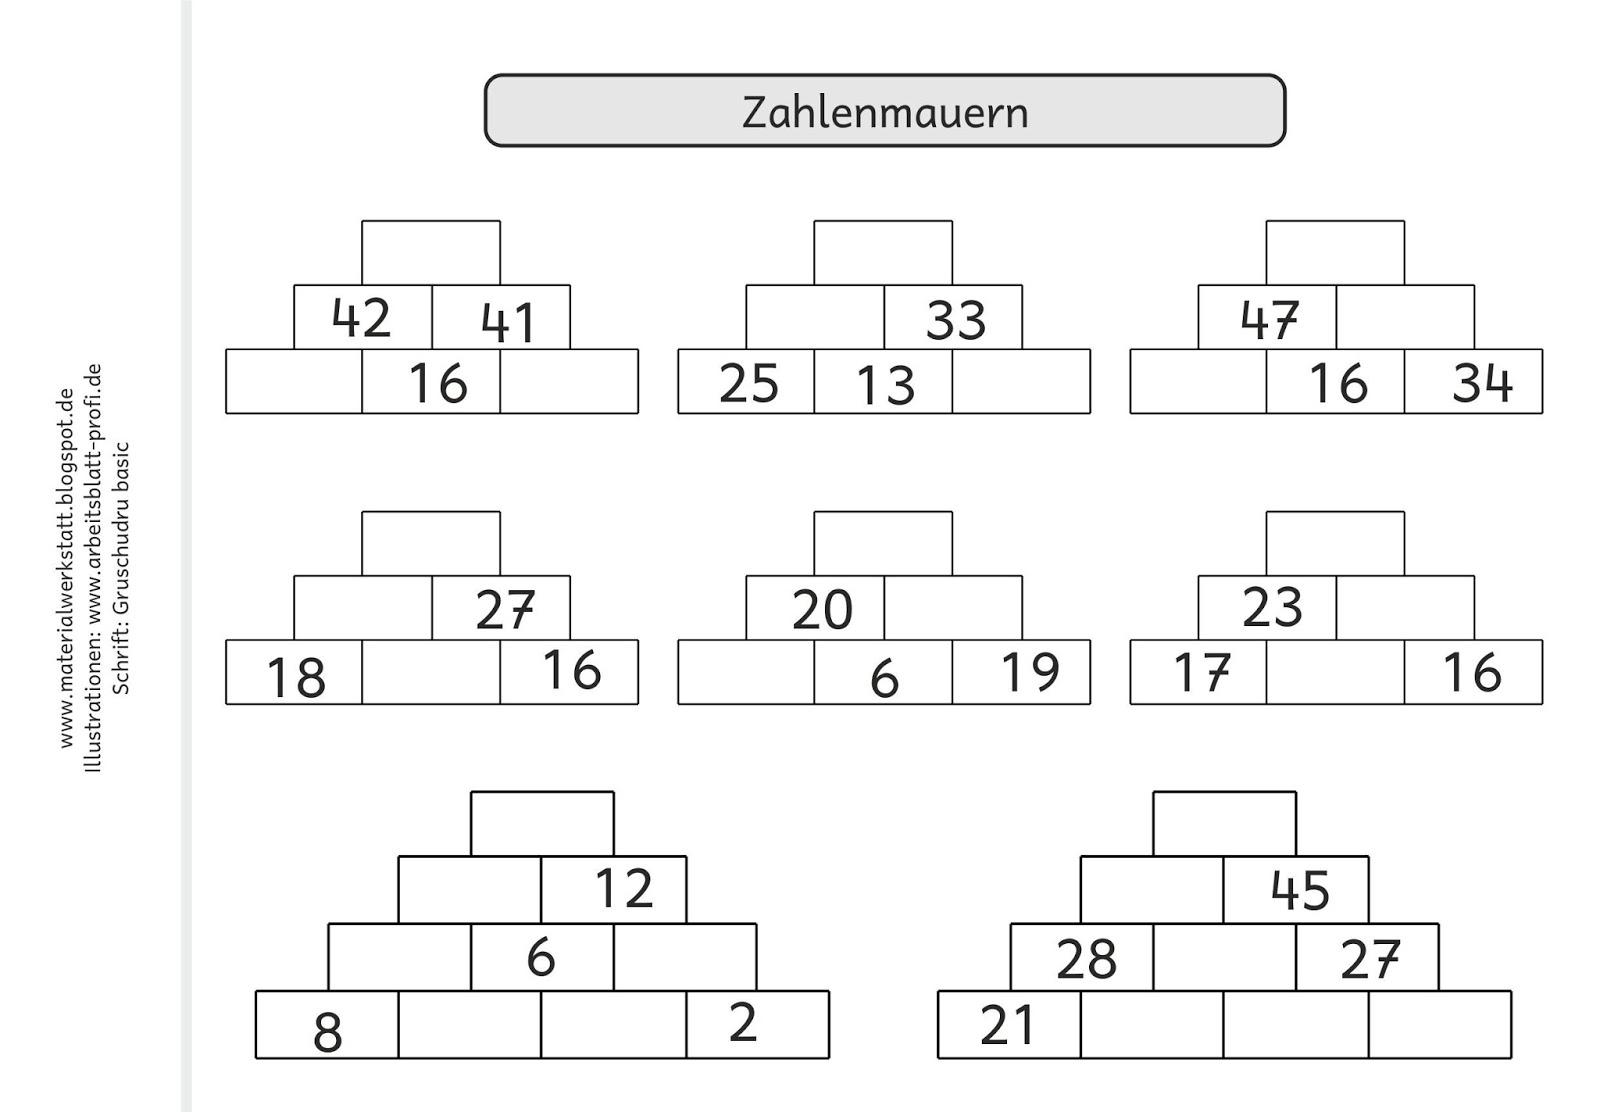 Materialwerkstatt Rechenmini Zr 100 Zahlenmauern